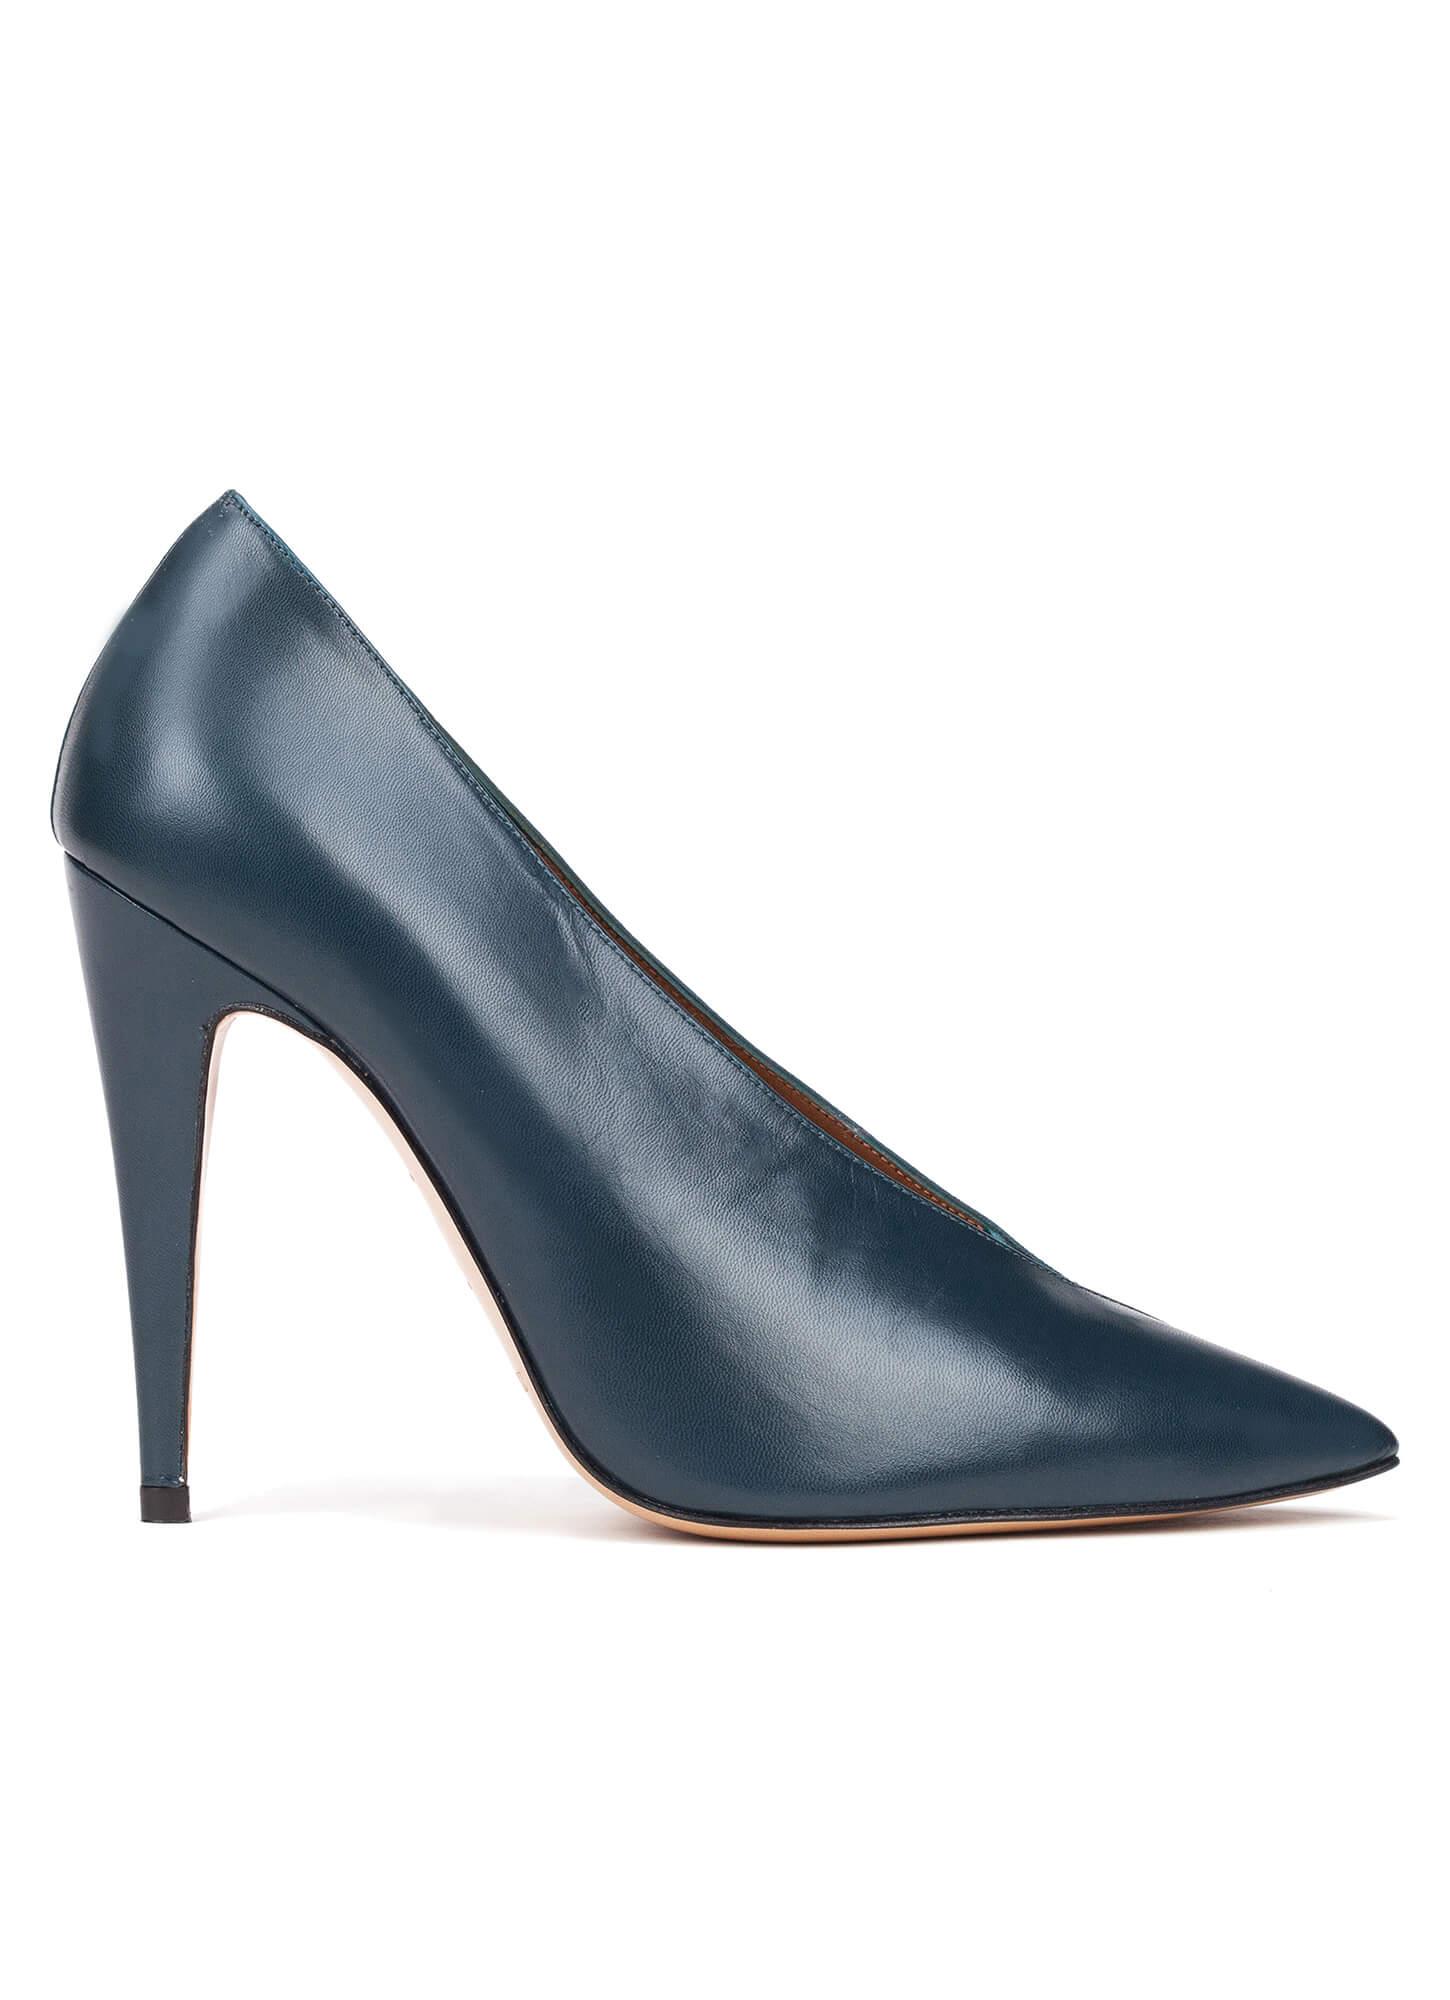 0bc620d03ba2 Petrol blue V-cut high heel pumps - online shoe store Pura Lopez ...